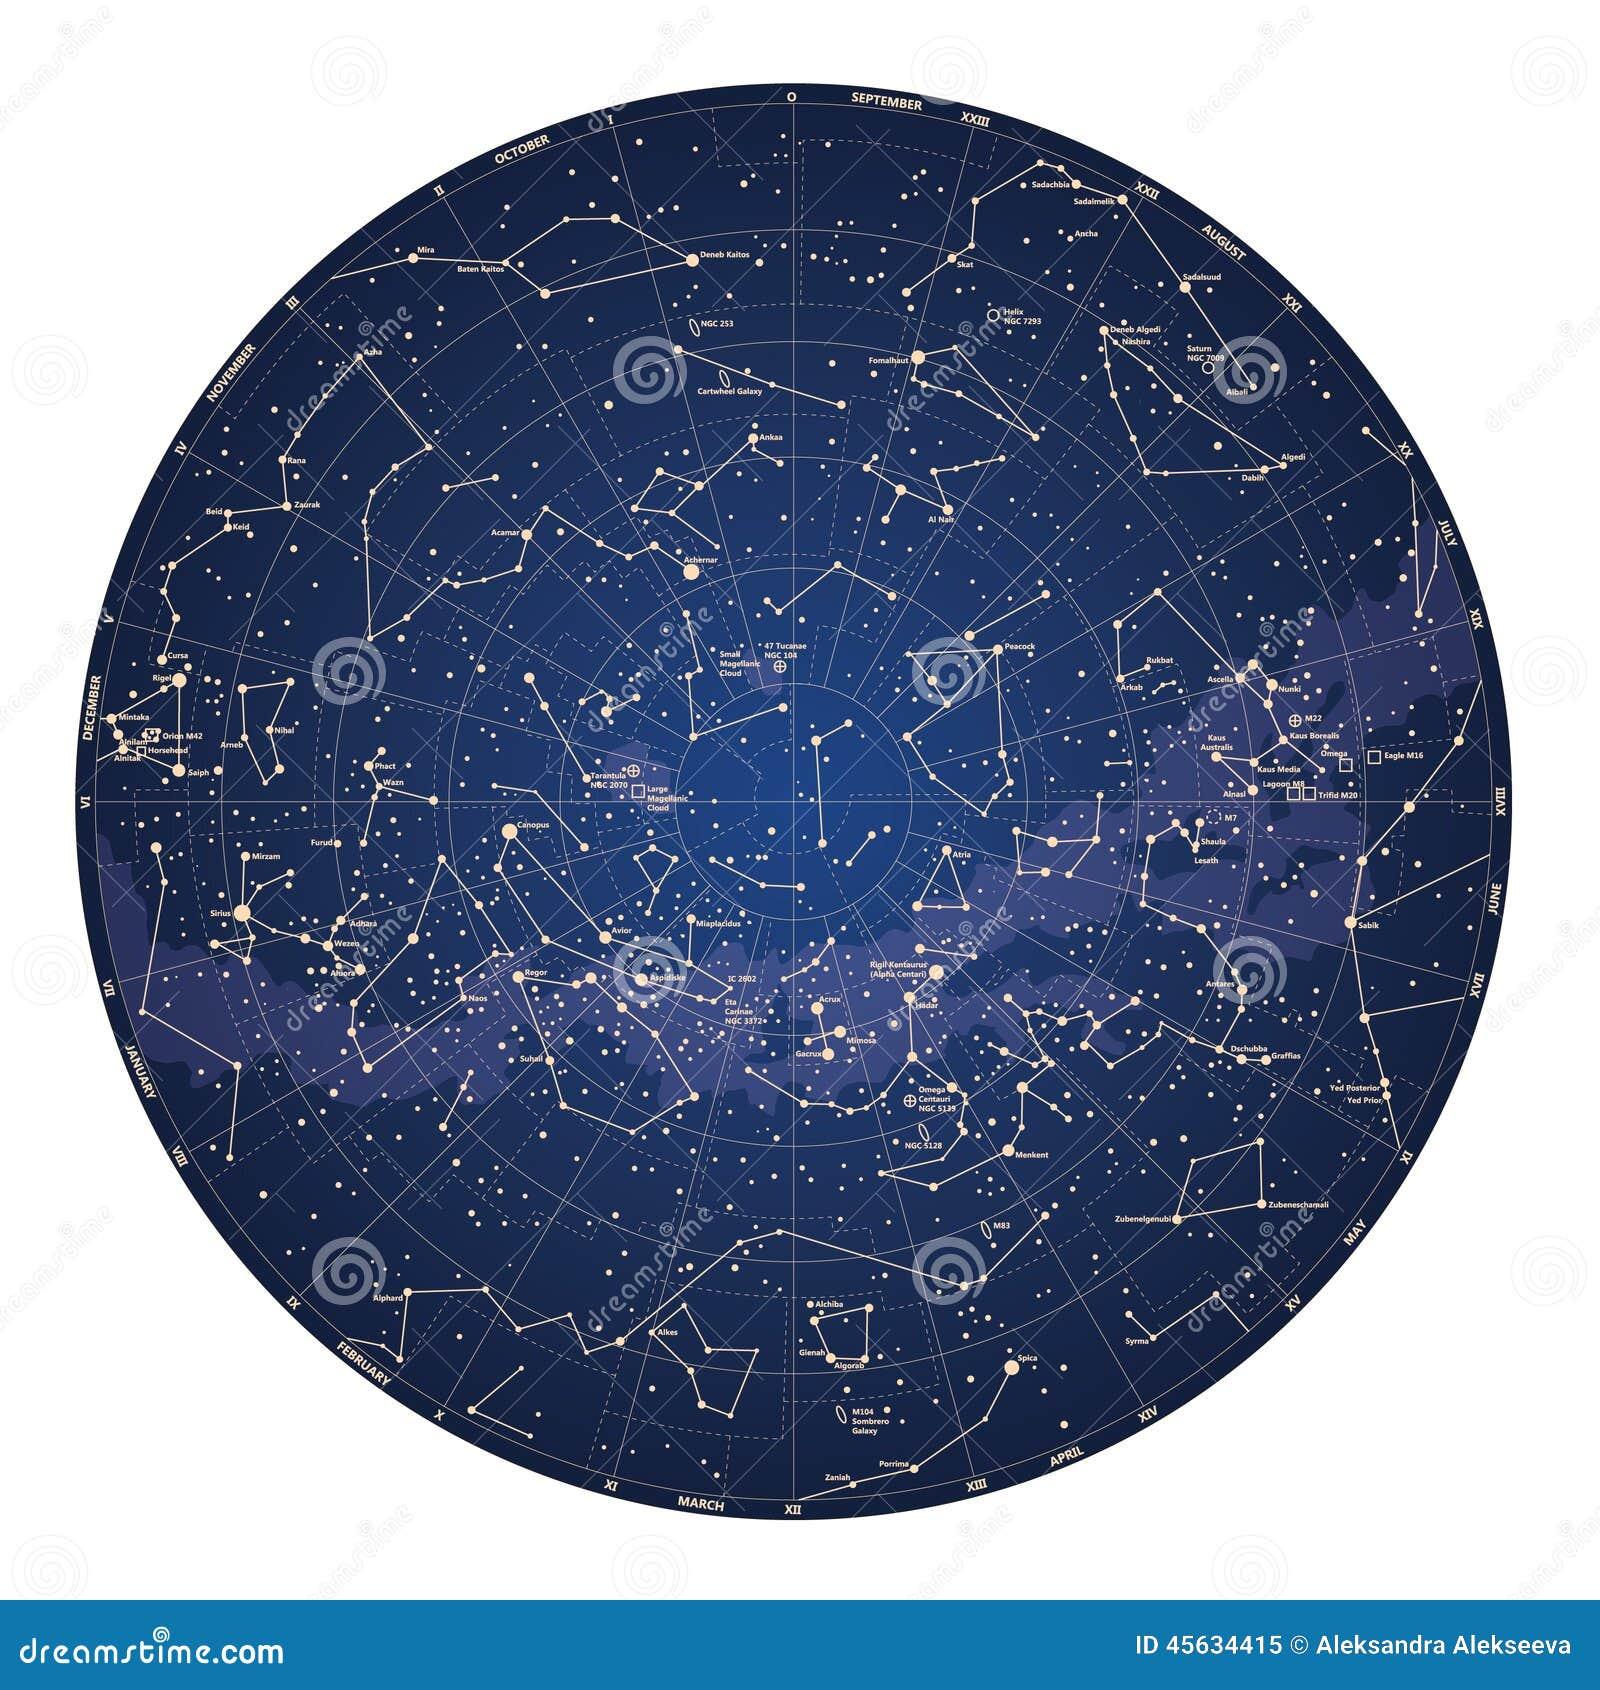 Alto mapa de cielo detallado del hemisferio meridional con nombres de estrellas